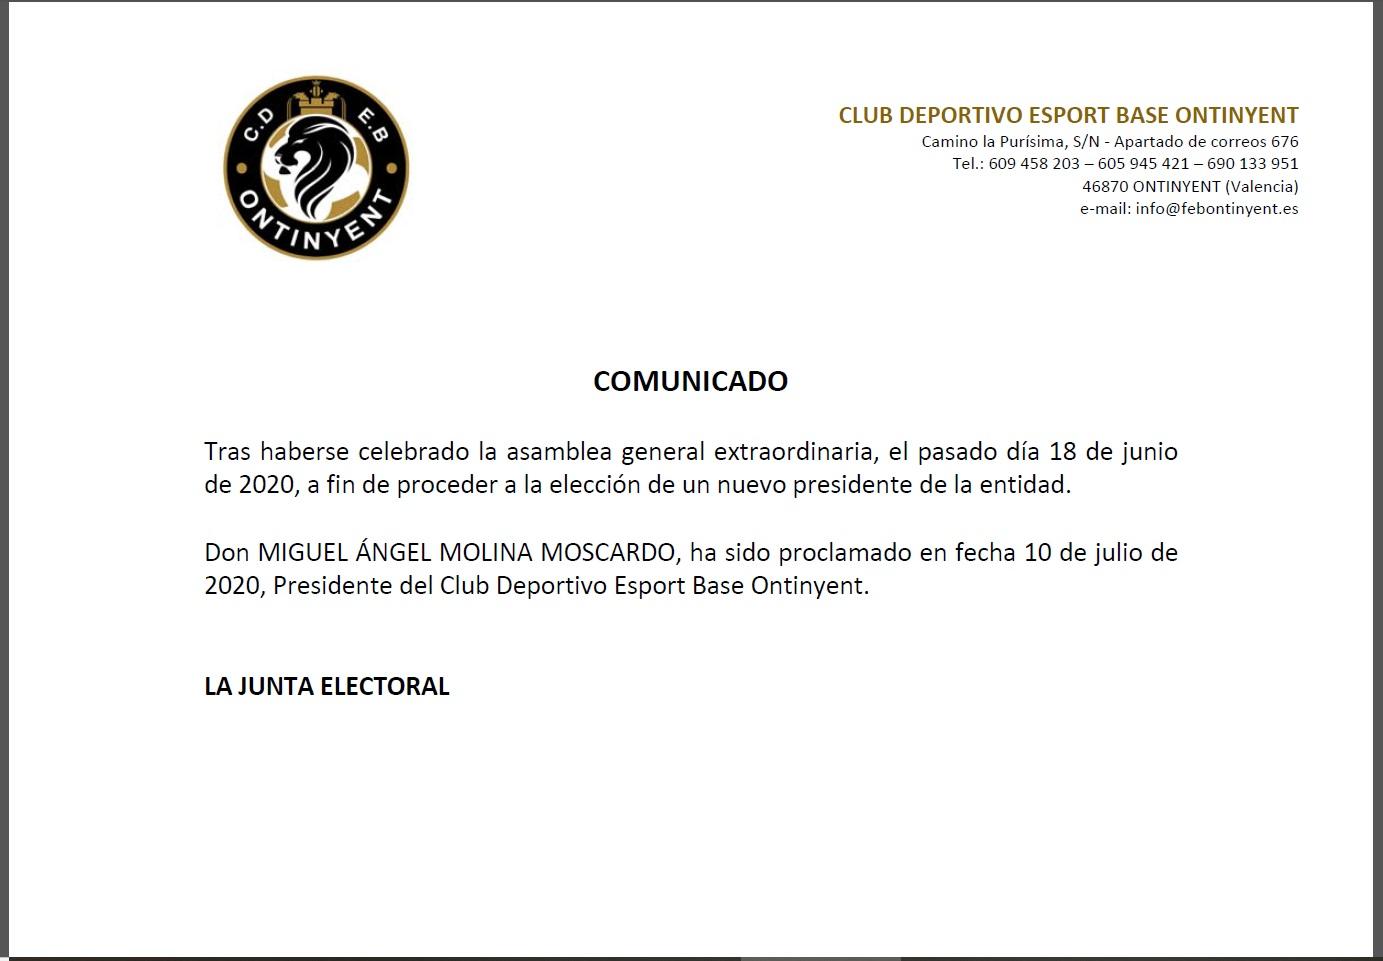 Miguel Angel Molina serà el nou President del Club